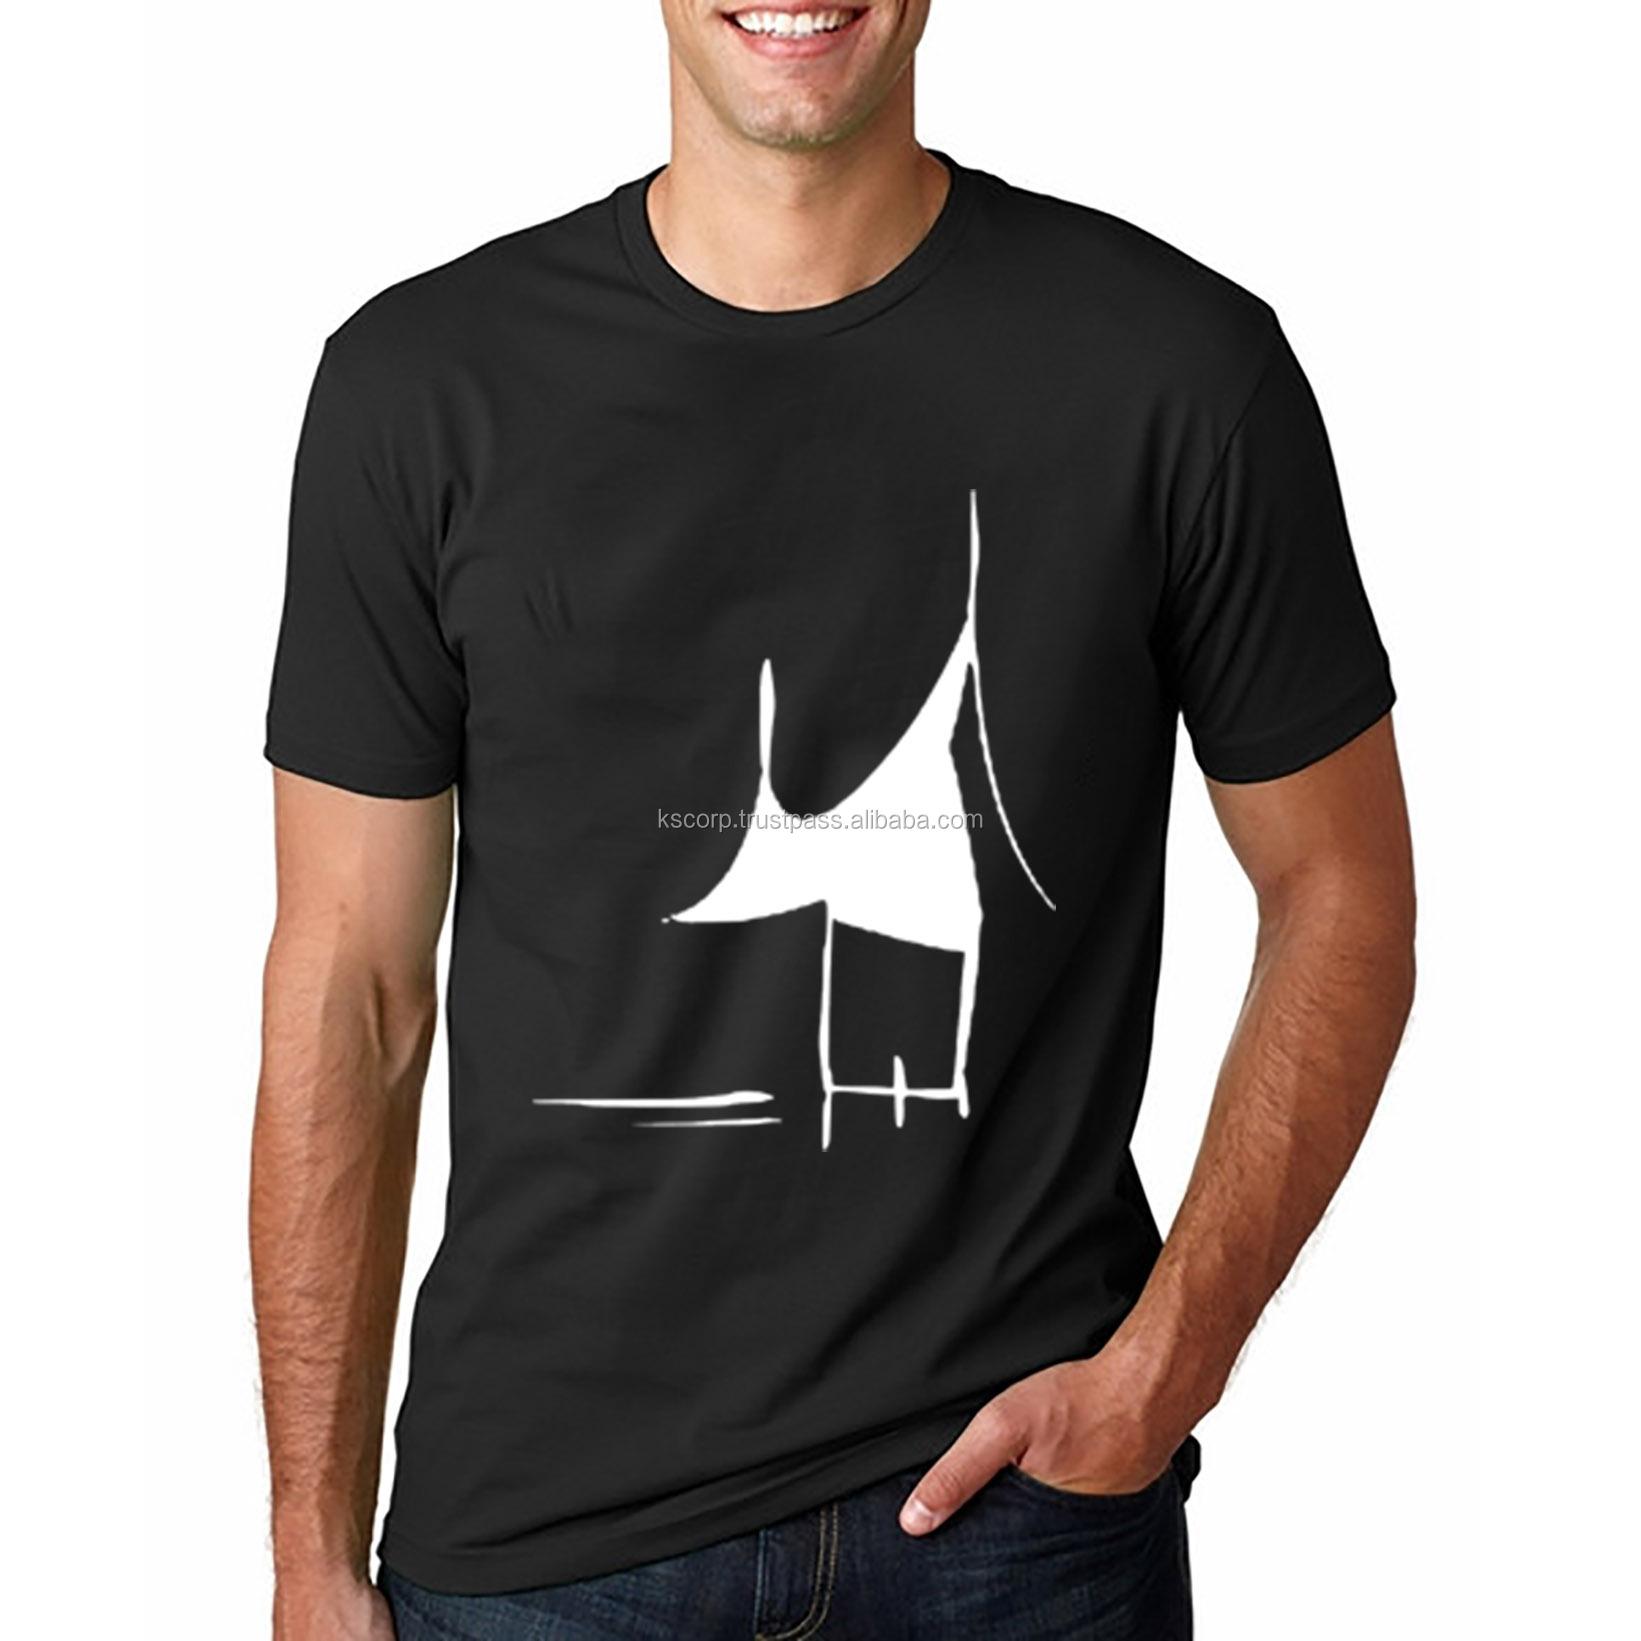 GS504 Logo Kustom Cetak Layar T-shirt Kualitas Terbaik Pria